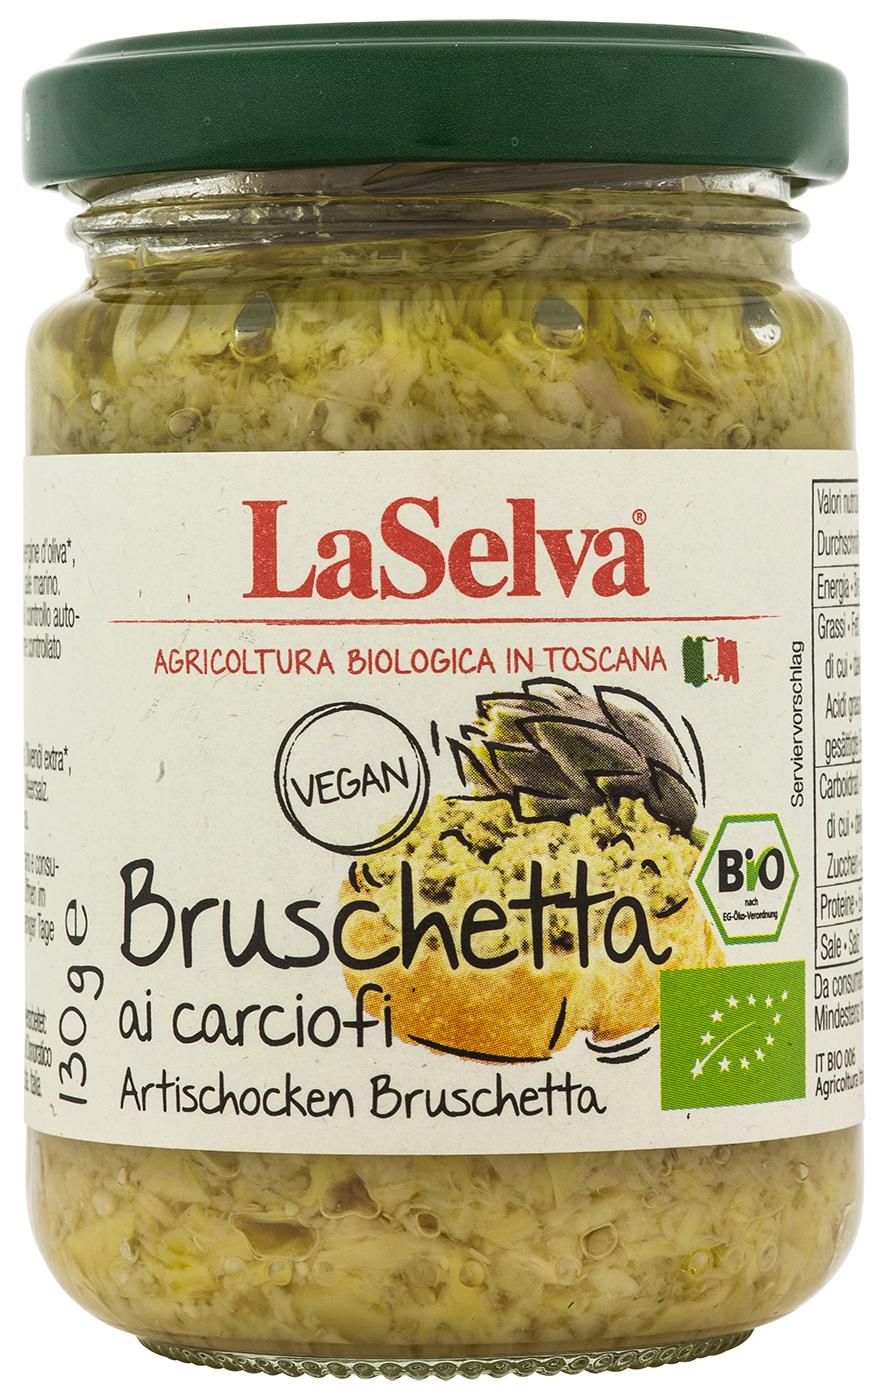 Bio Bruschetta ai carciofi, Bruschetta aus Artischocken, 130 g